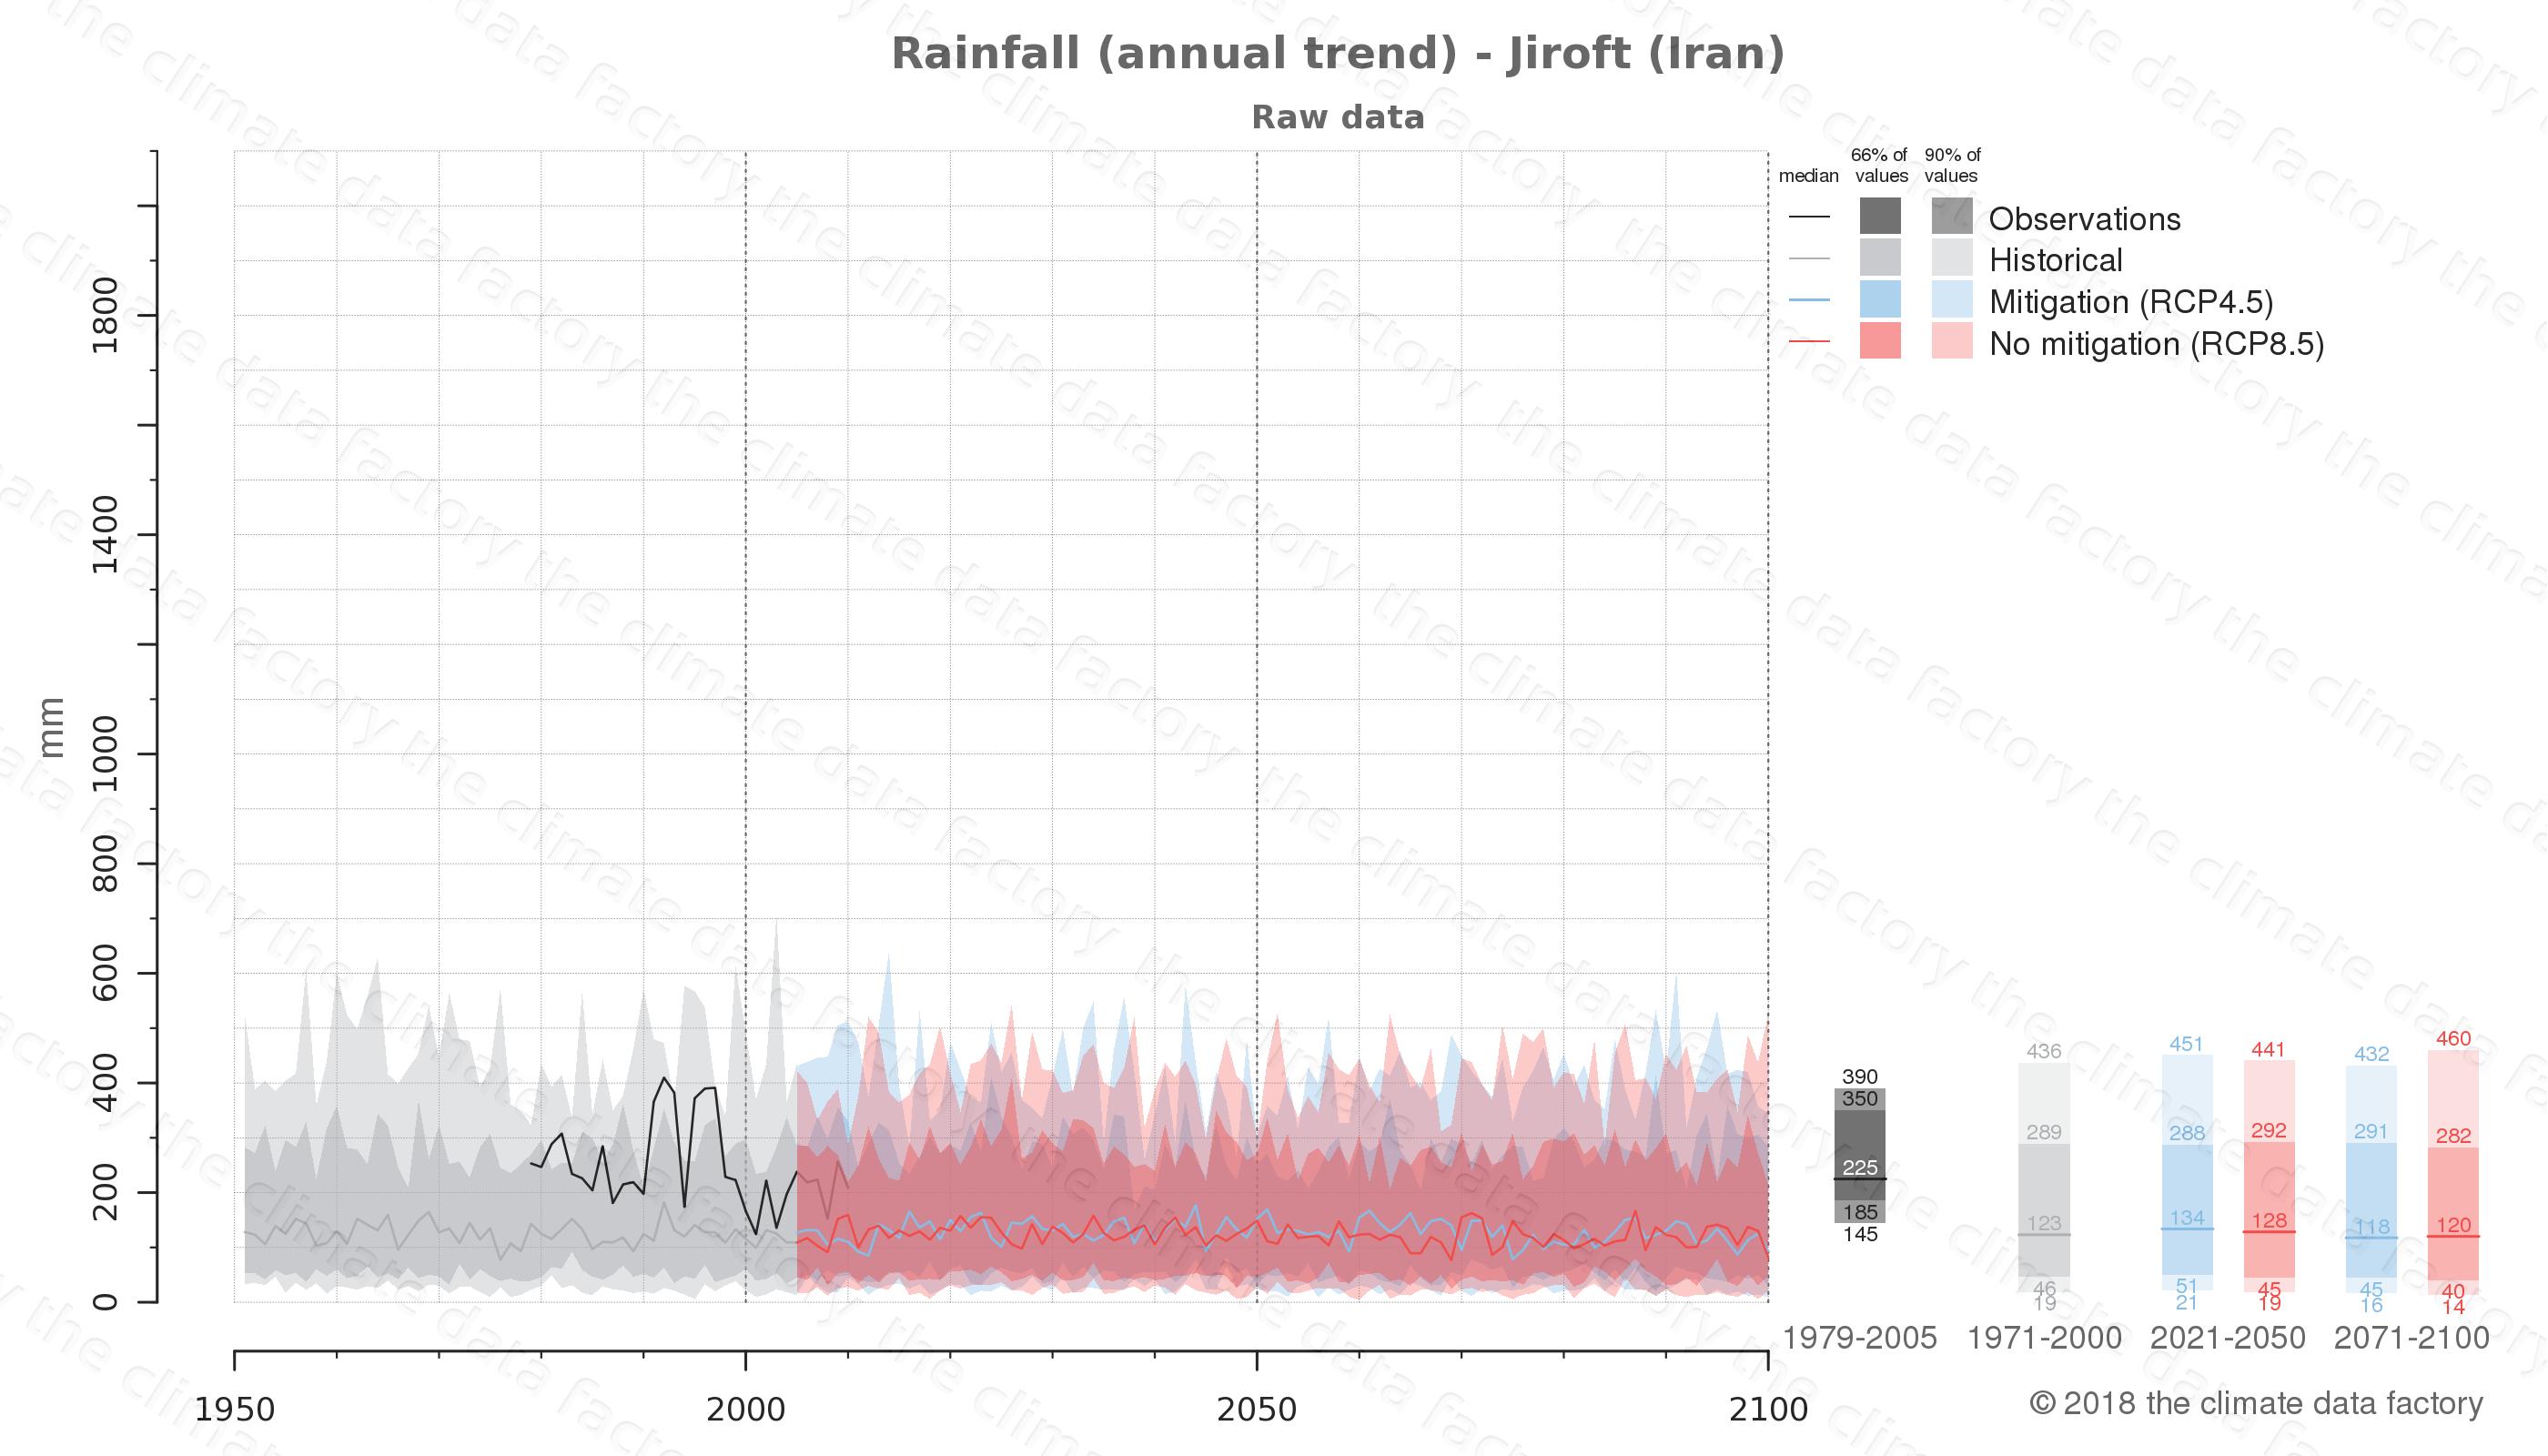 climate change data policy adaptation climate graph city data rainfall jiroft iran